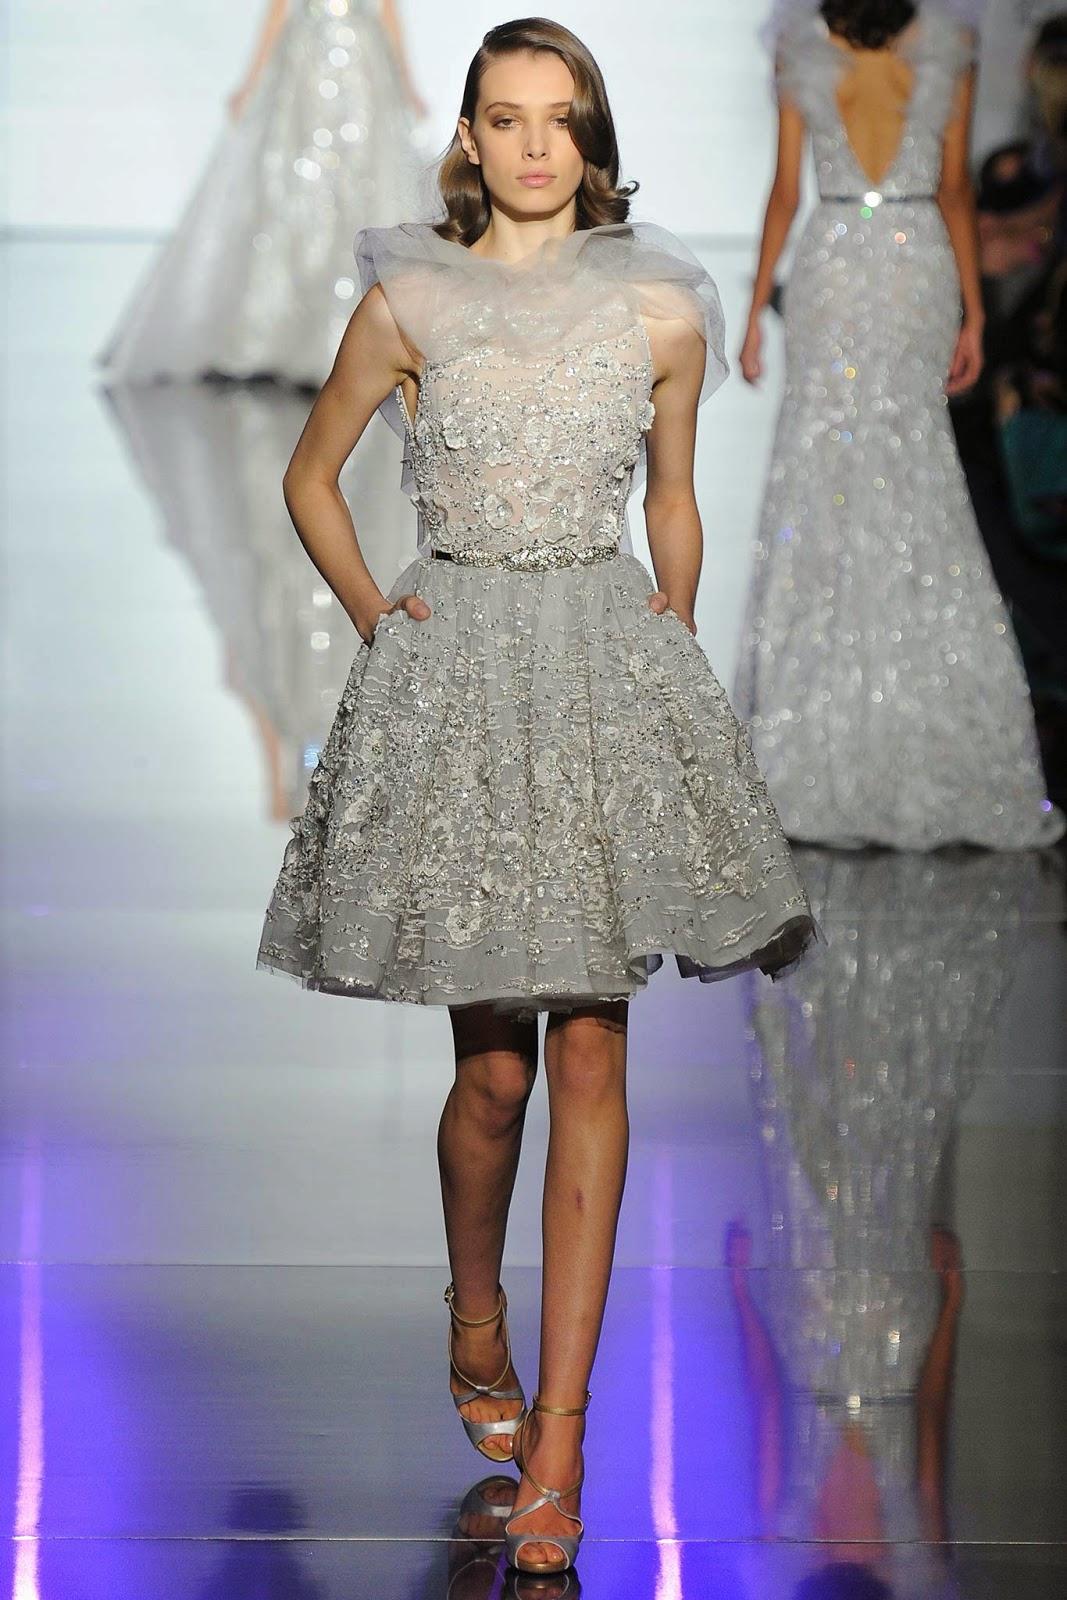 fashioncollectiontrend: Zuhair Murad 19 Kollektion, Zuhair Murad